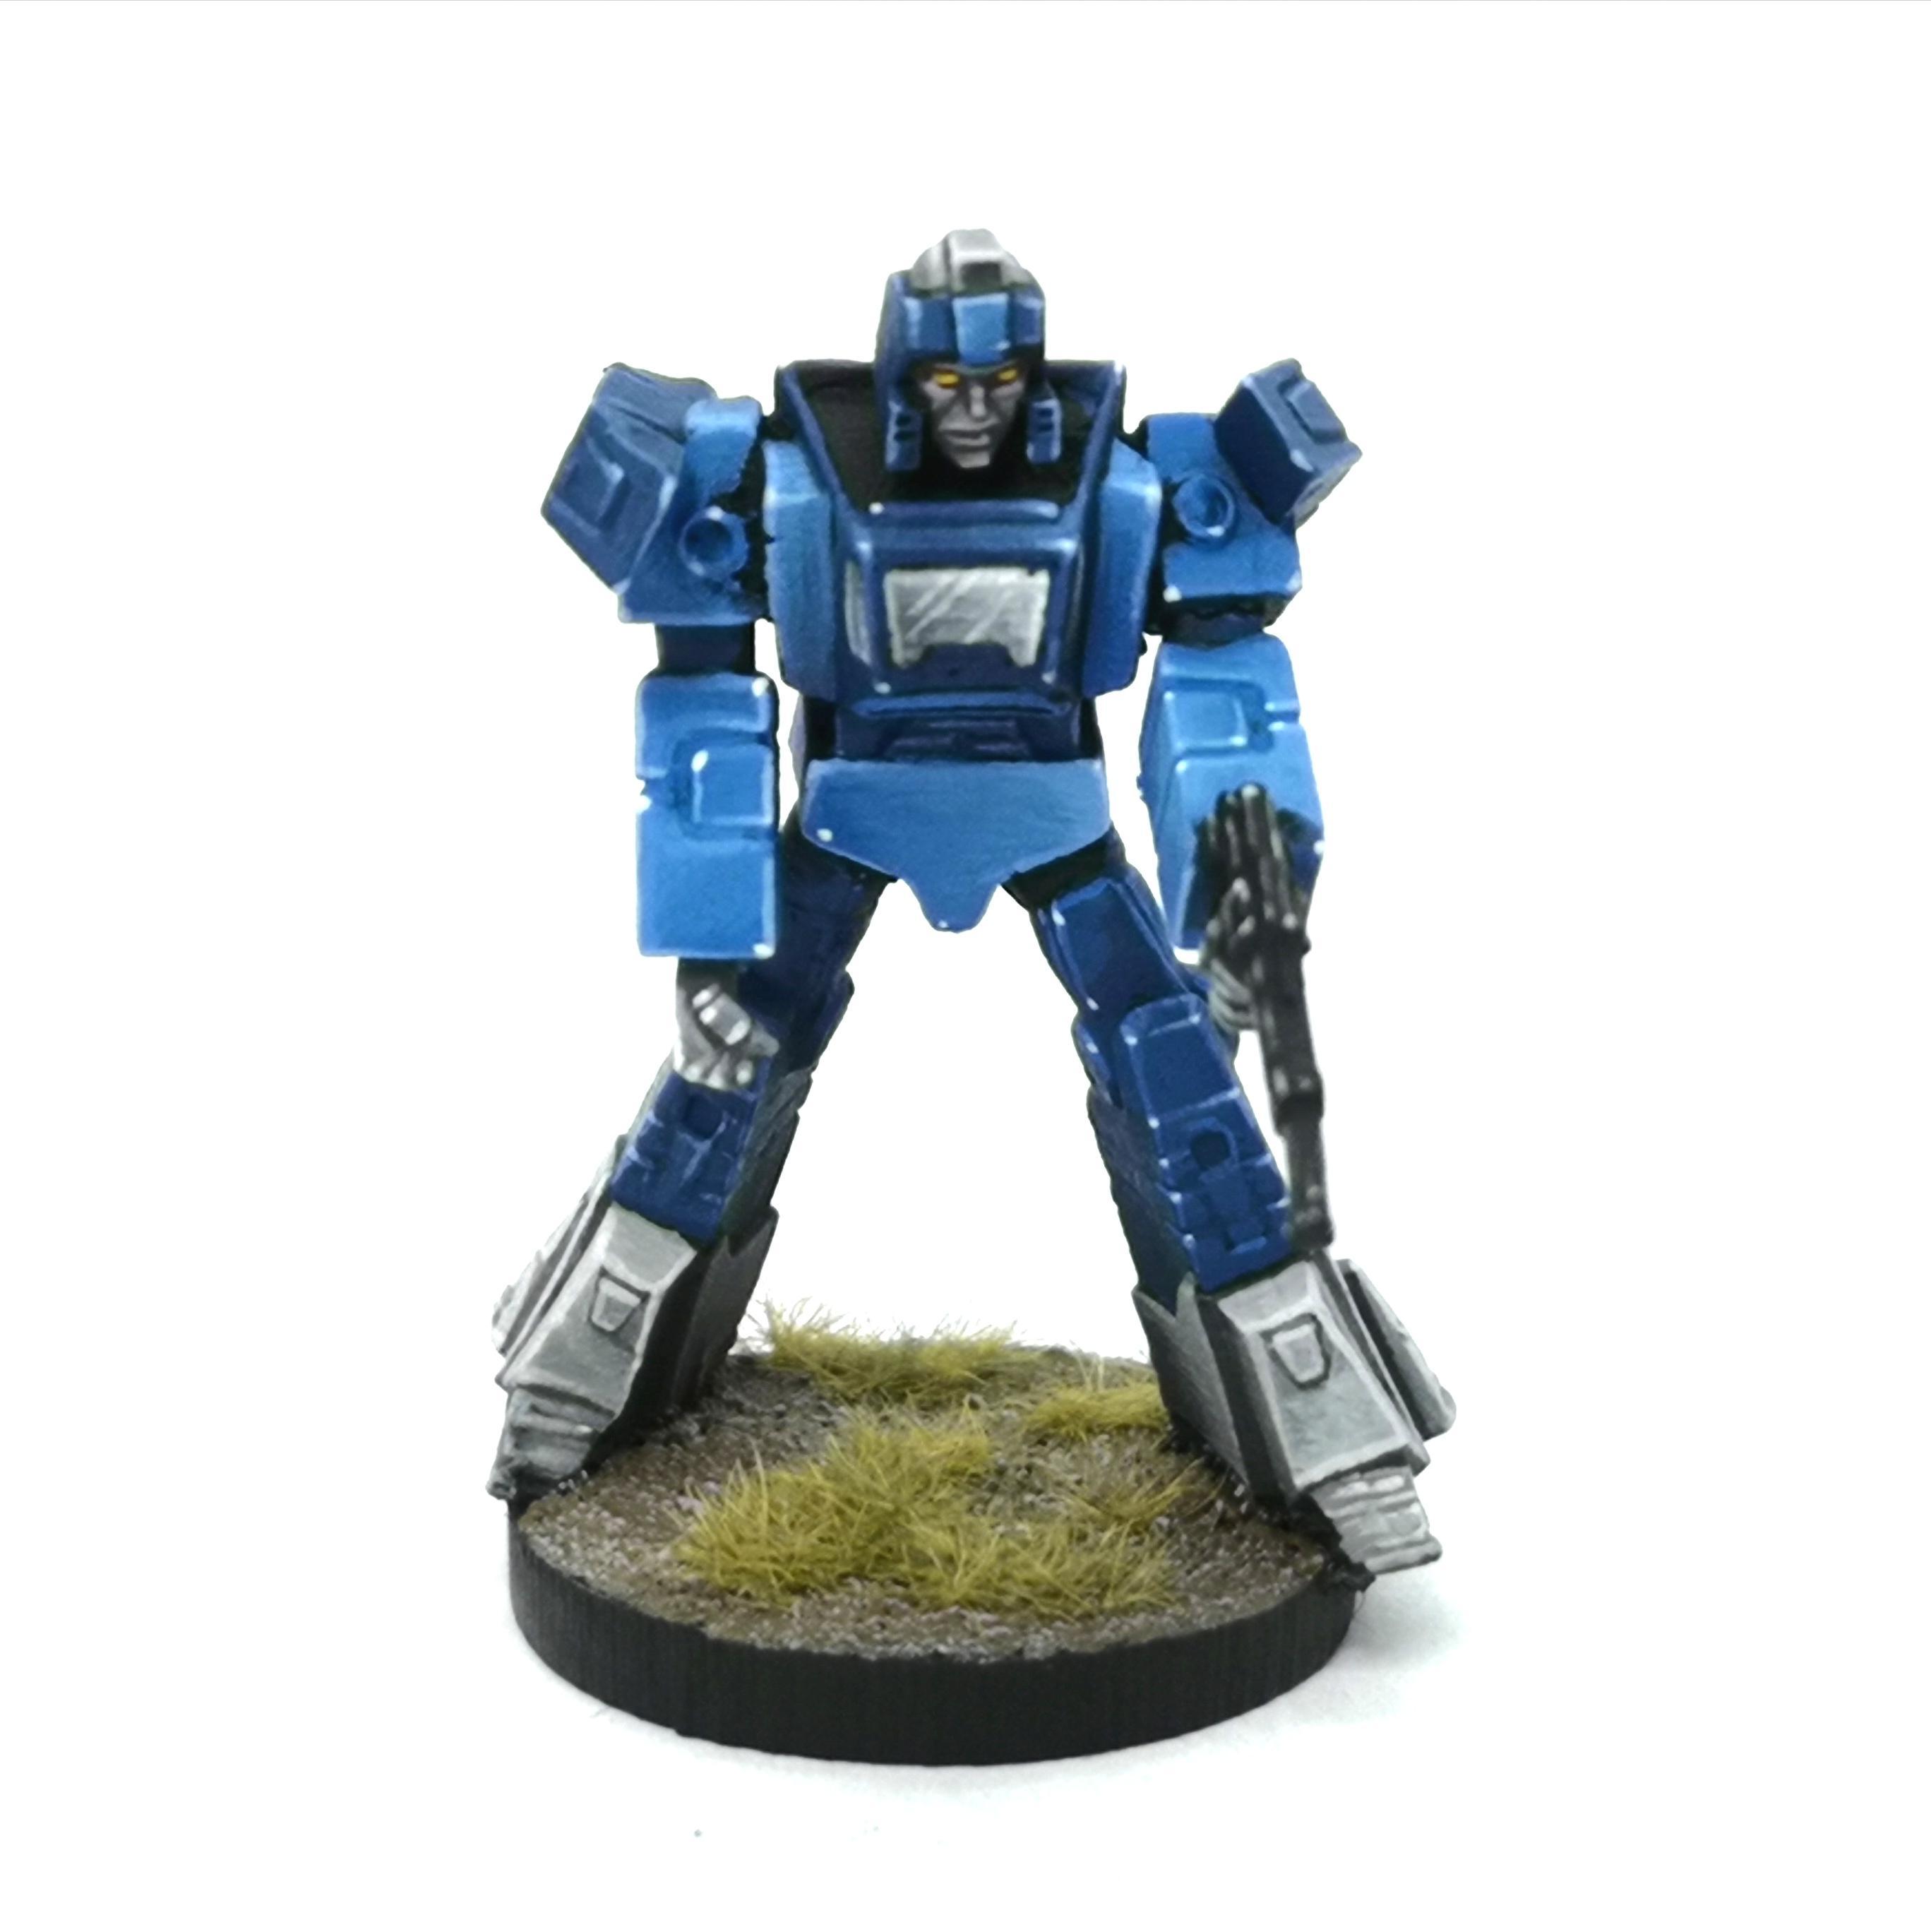 Blurr, Bot War, Mechs, Robots, Traders Galaxy, Transformers